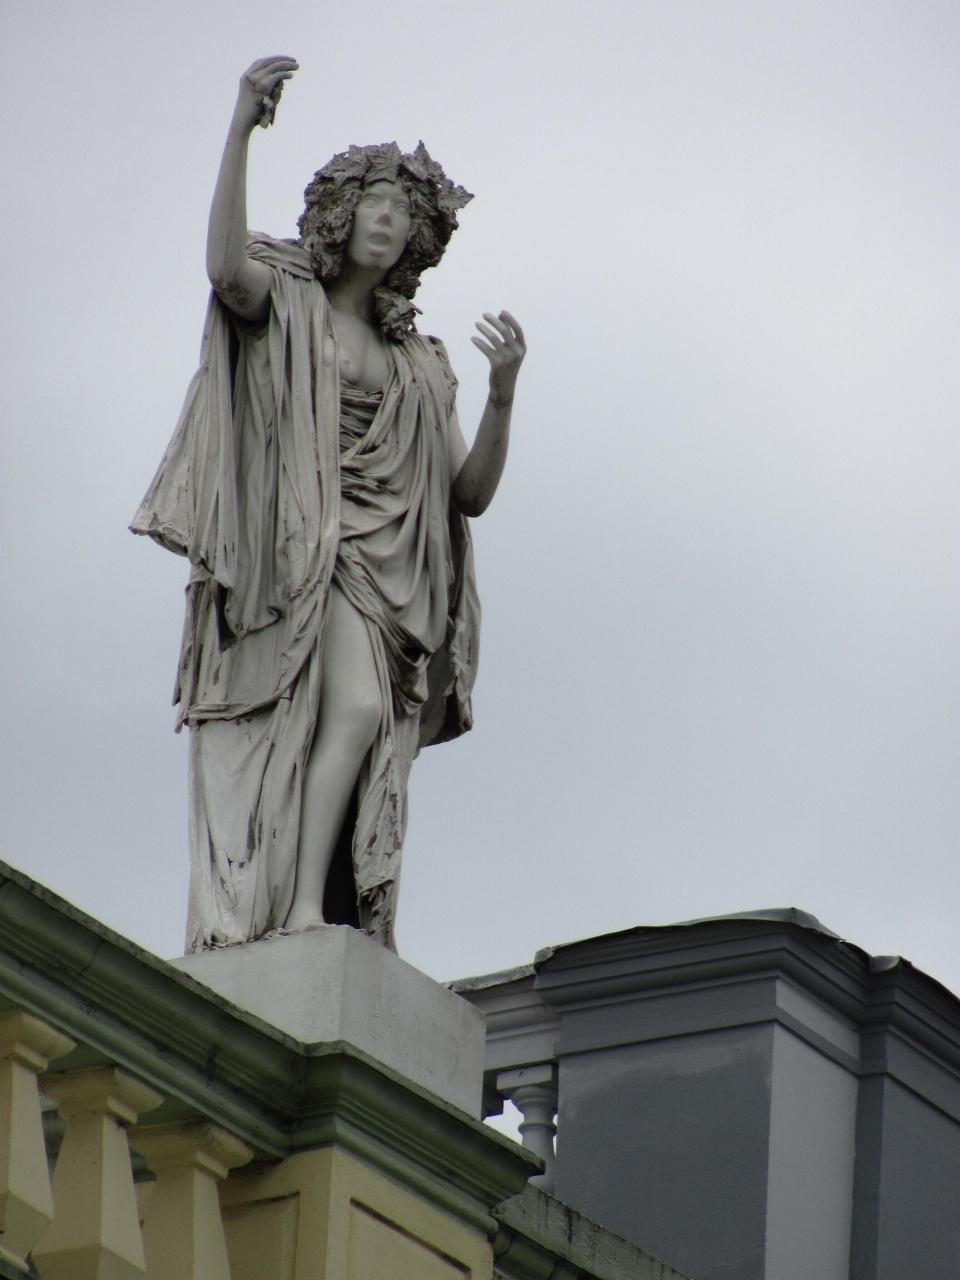 Estatuas - Popayán - Cauca. Foto: David Medina